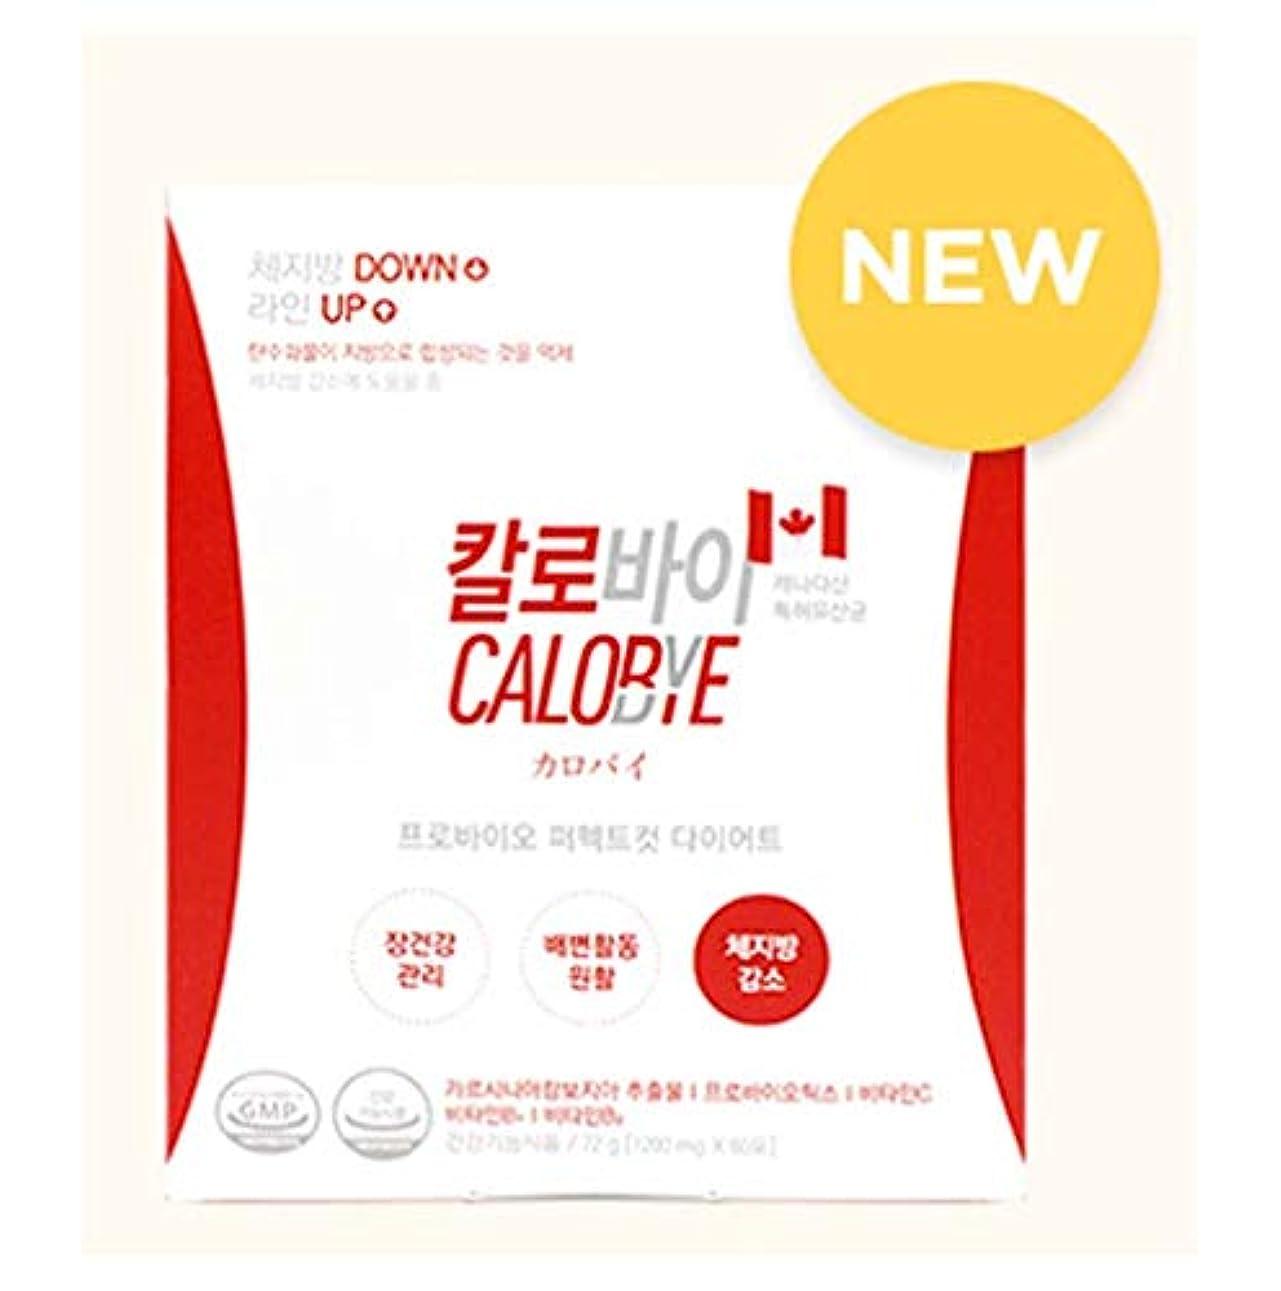 手錠呼ぶ旧正月New CALOBYE Premium: 減量食薬 Weight Loss Diet for 1month (60 Pouch=240pills/2times in a Day Before a Meal) Made in...